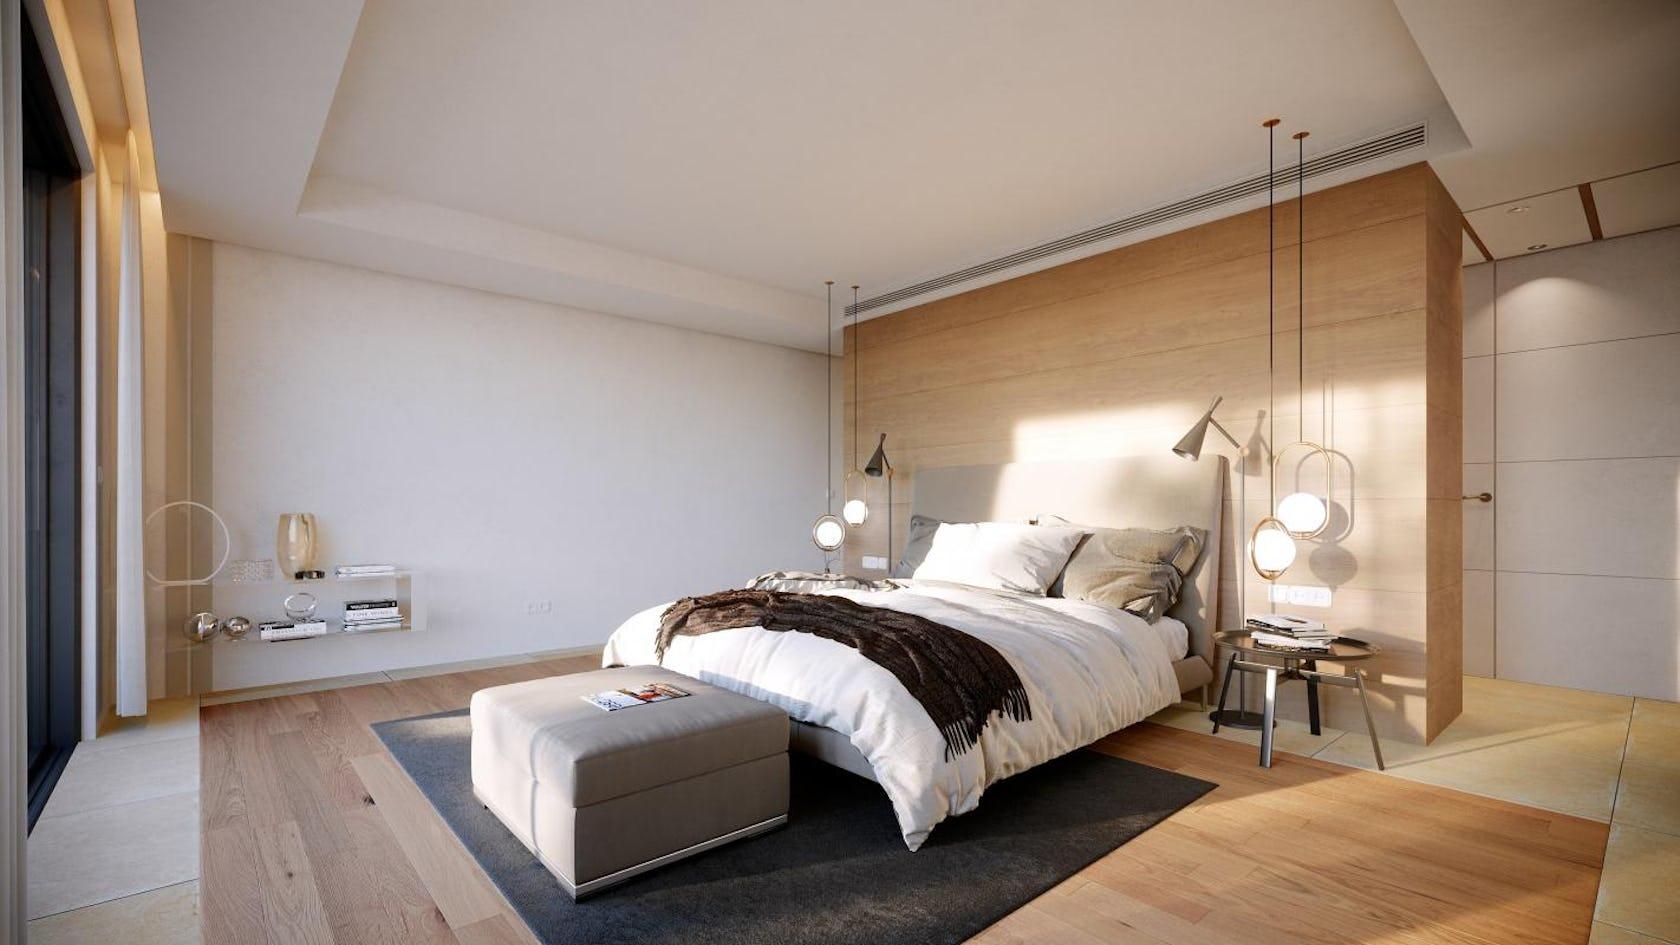 furniture indoors bedroom room bed interior design living room rug